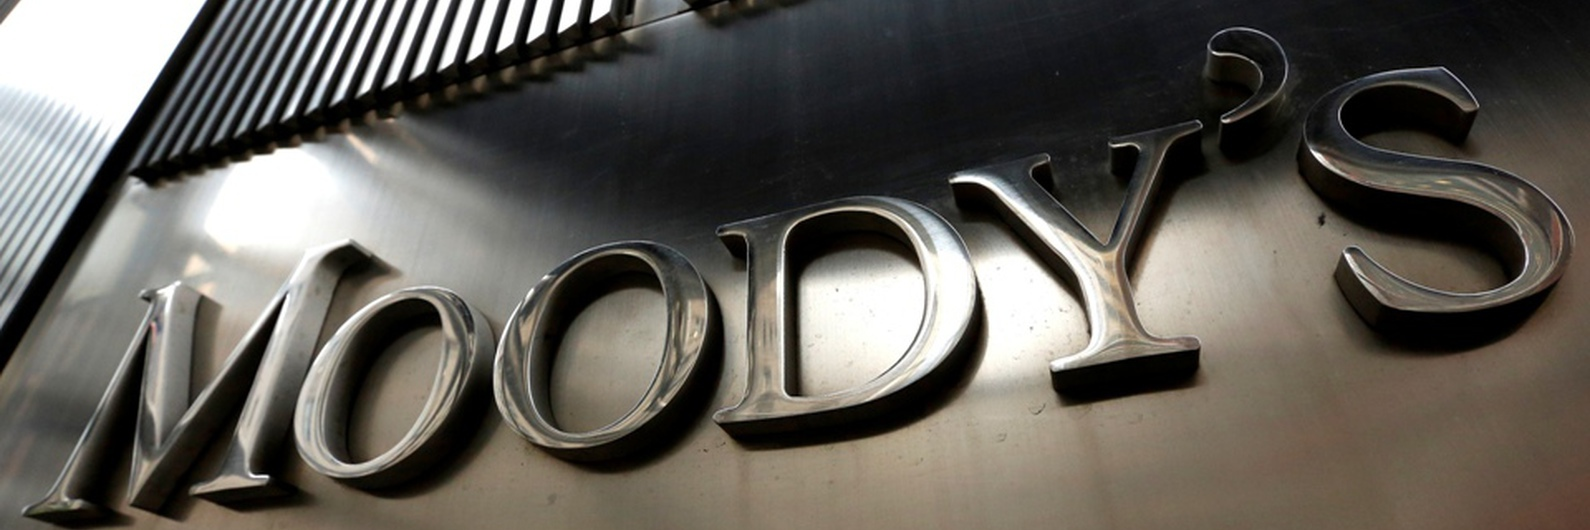 Moody's: bancos estão melhor a nível global, mas ainda há riscos de falta de capital